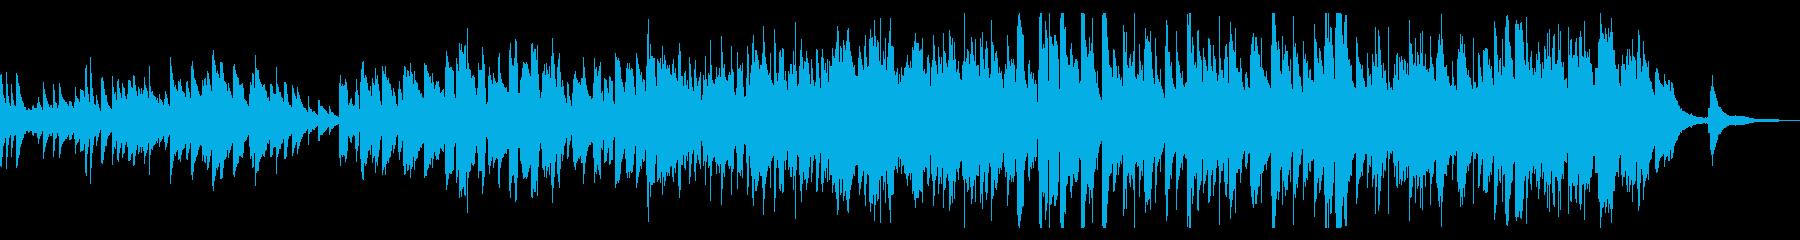 秋の童謡2曲 オリジナルアレンジの再生済みの波形